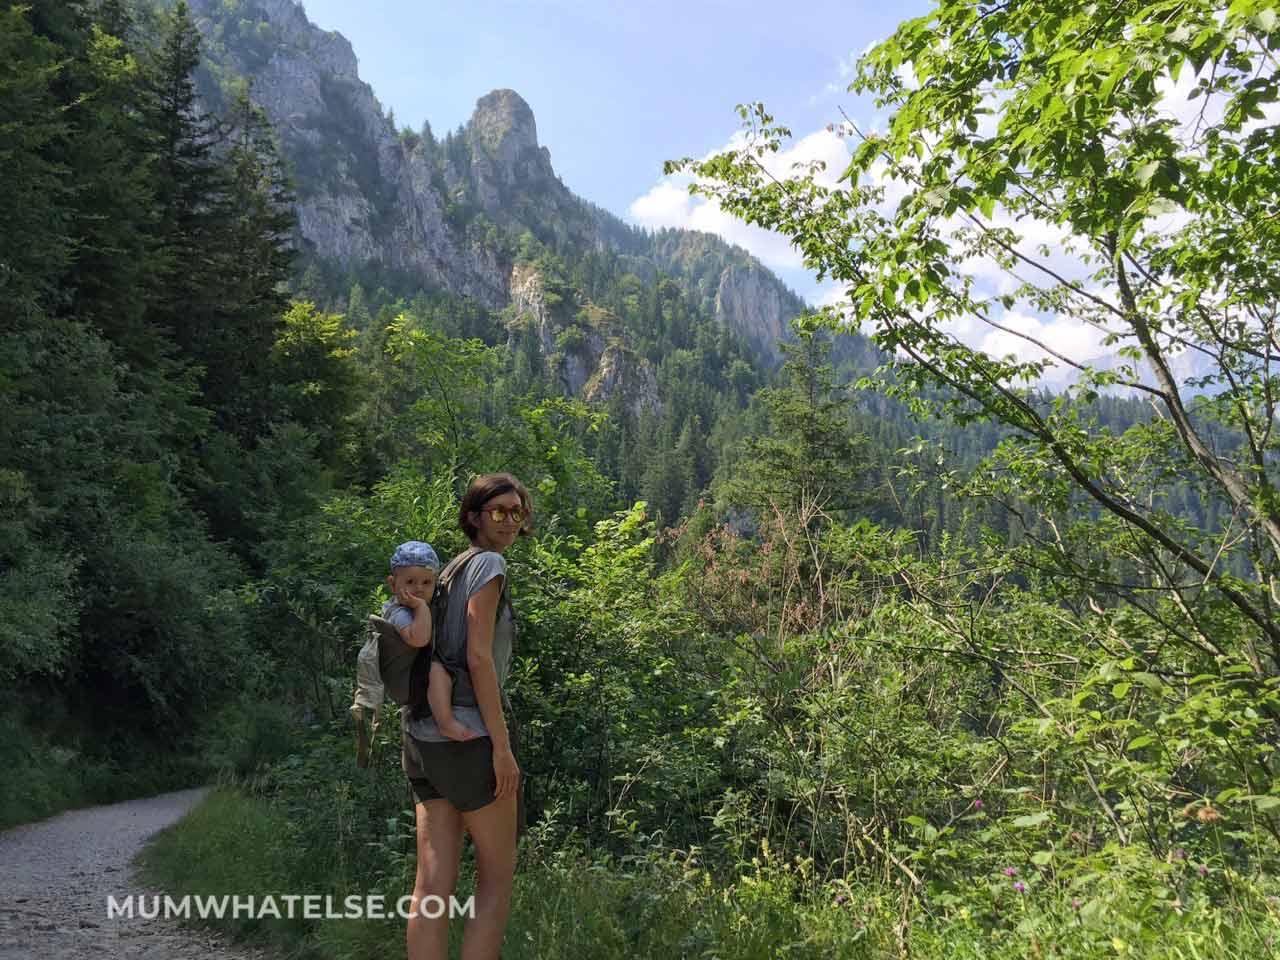 una donna con un bimbo sulla schiena in mezzo alle montagne